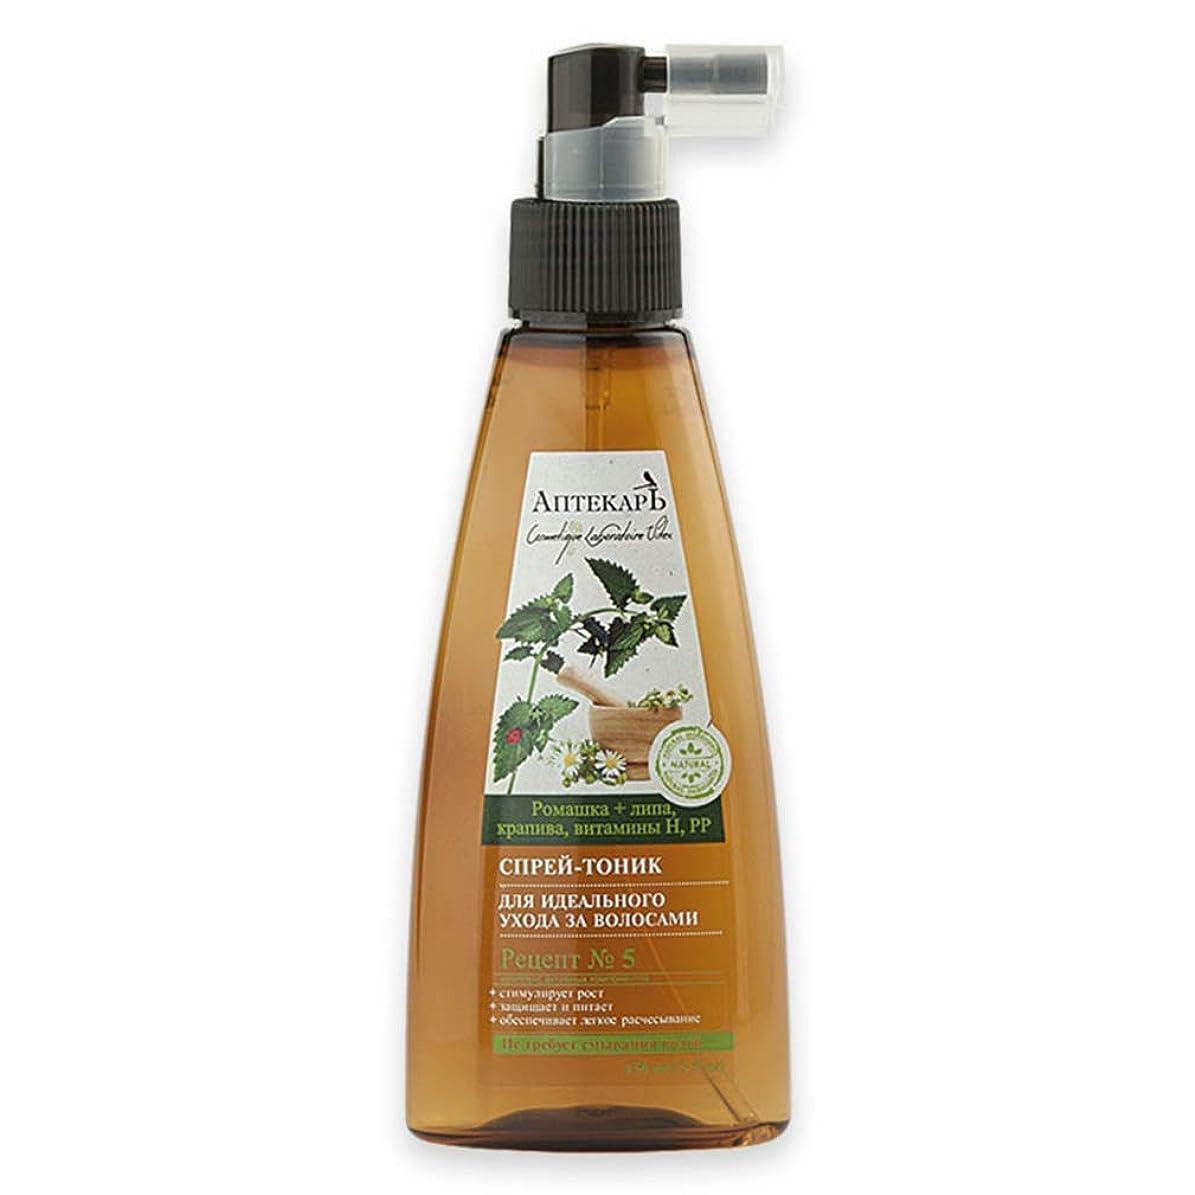 スチール実行可能しなければならないBielita & Vitex | Chemist Line | Spray tonic for perfect hair care | Chamomile | linden | Nettle | Vitamins H | PP | Recipe number 5 | 150 ml